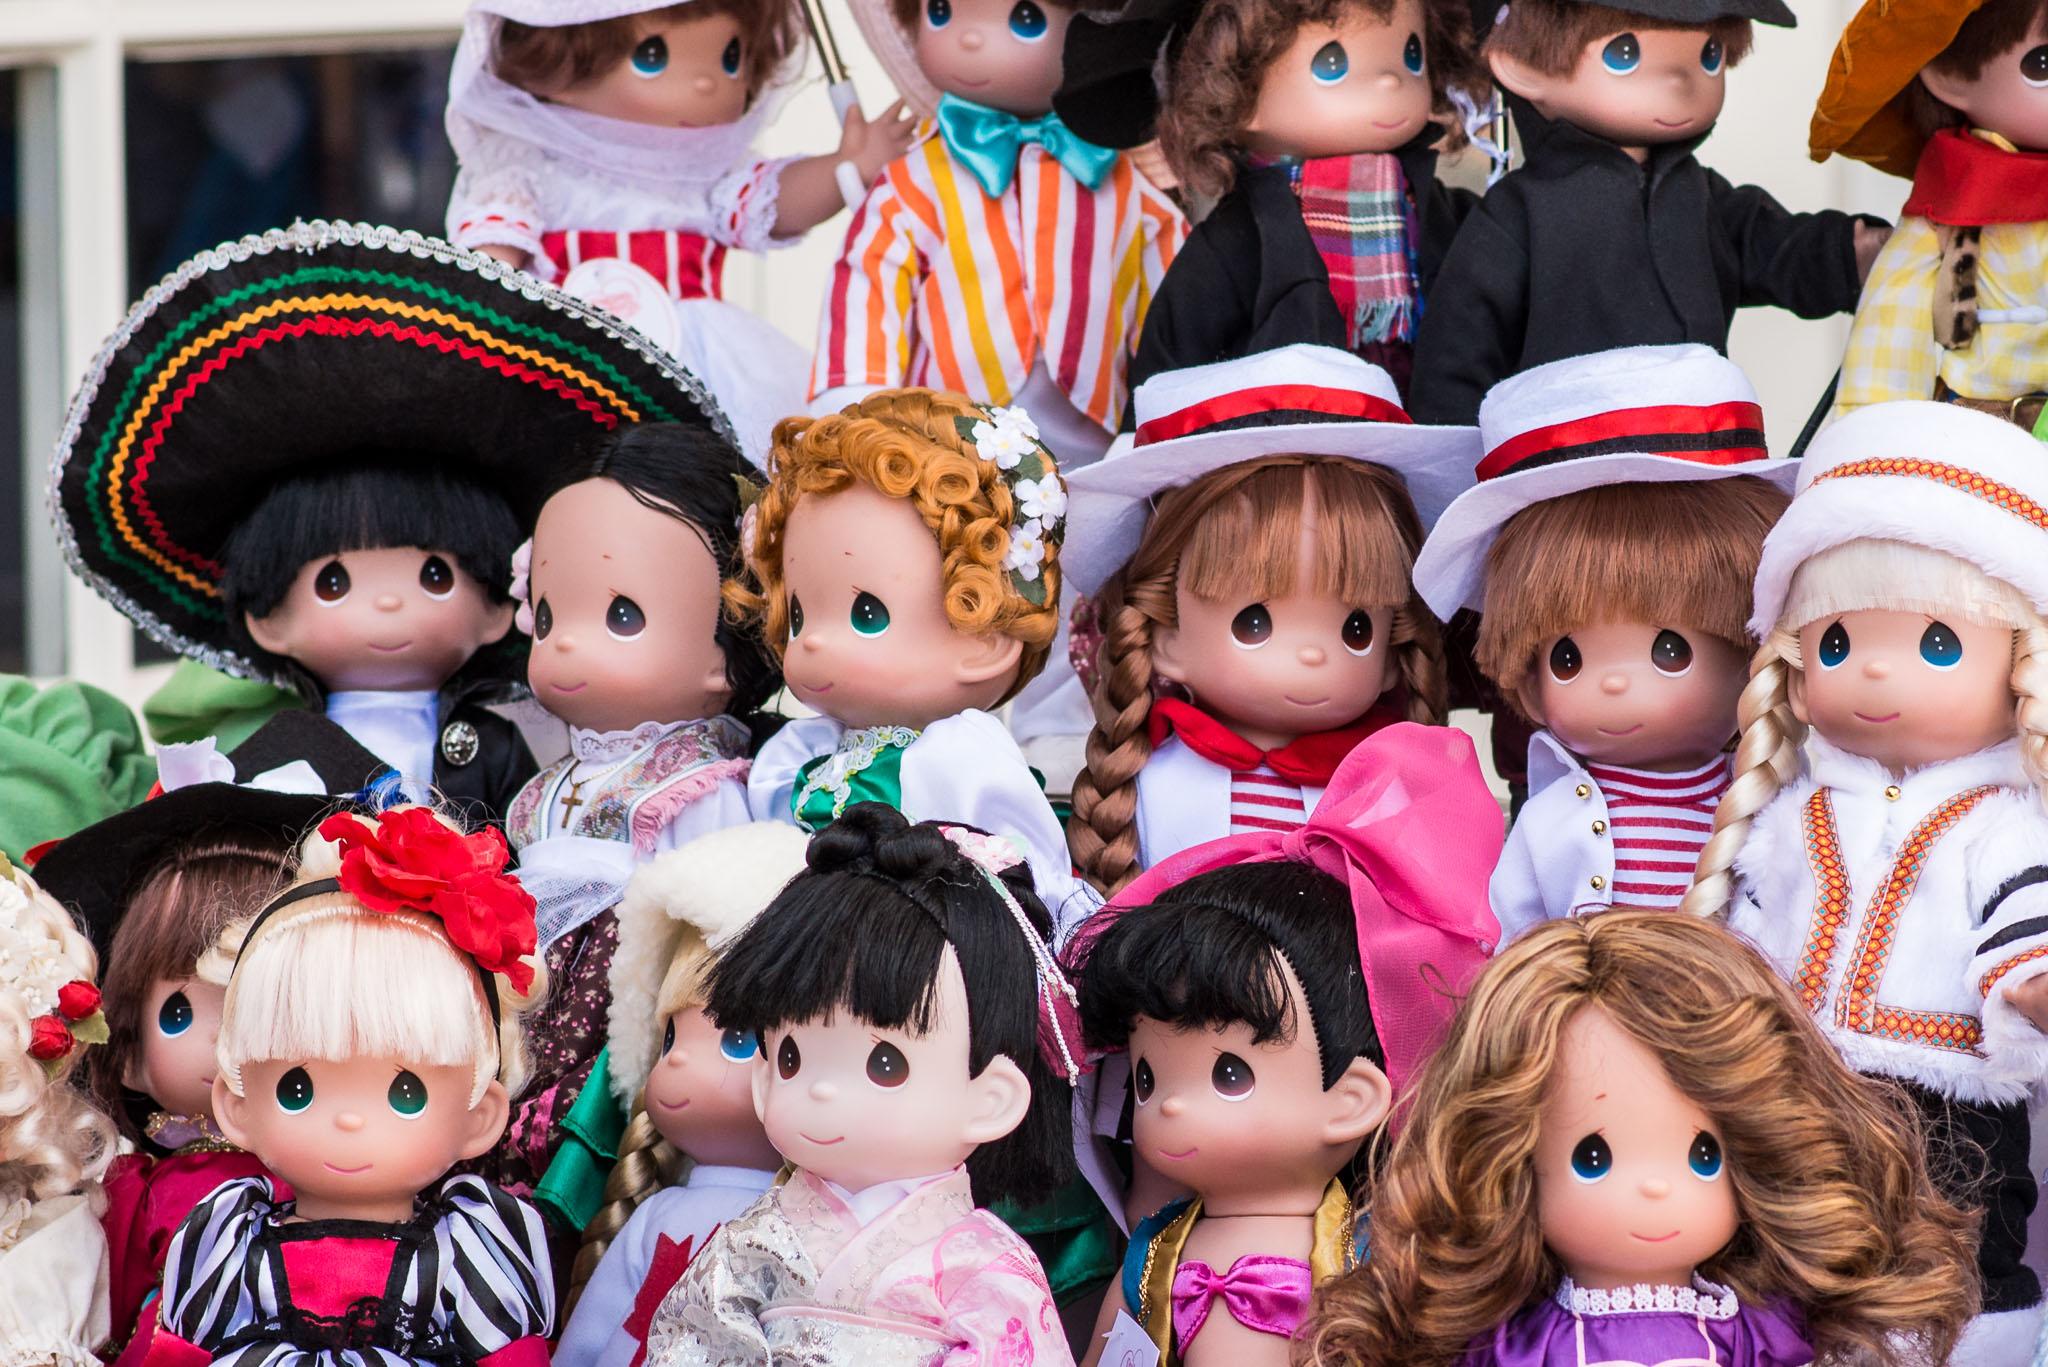 Precious Moments Disney Doll Collection - Mexico & Italy - Epcot Flower & Garden Festival 2016